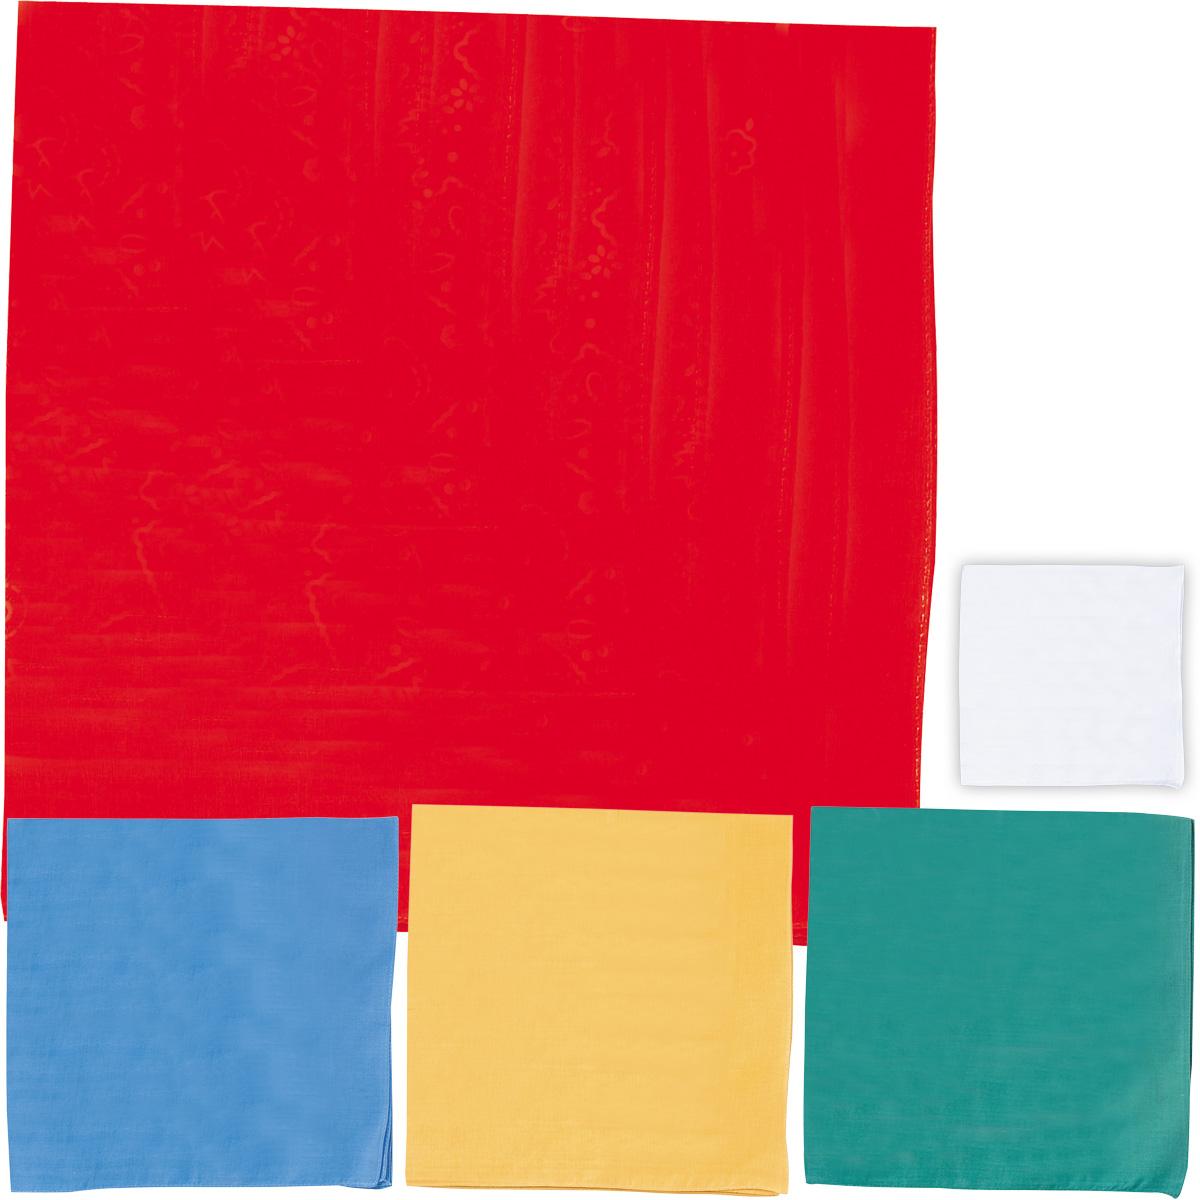 バンダナ 無地 白 赤 青 緑 黄 バンダナ 三角巾 キャップ 帽子 給食当番 幼稚園 小学生 体育